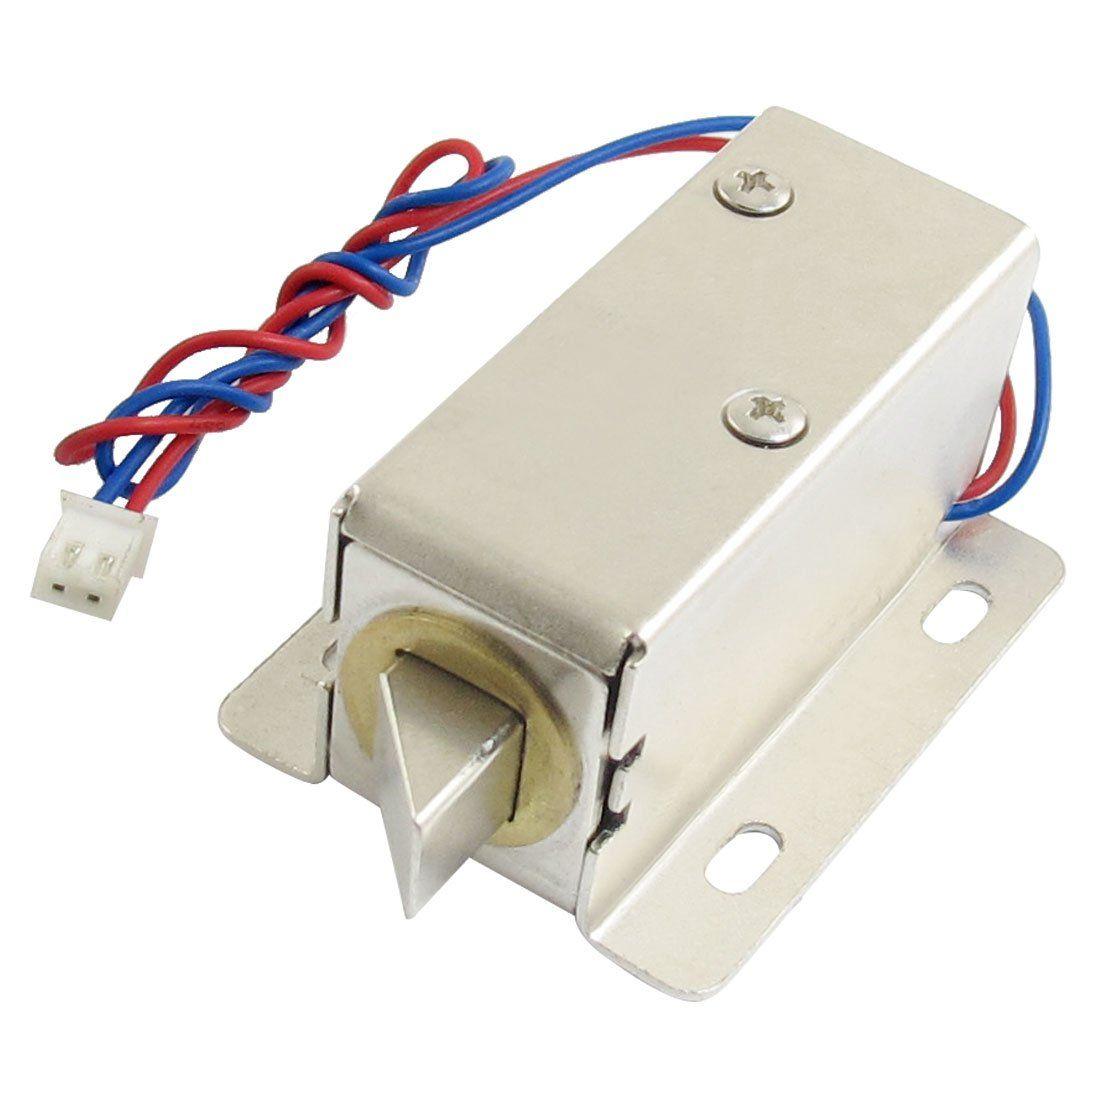 New Hotsale Promotion 0837l Dc 12v 8w Open Frame Type Solenoid For Electric Door Lock Open Frame Door Locks Door Lock System